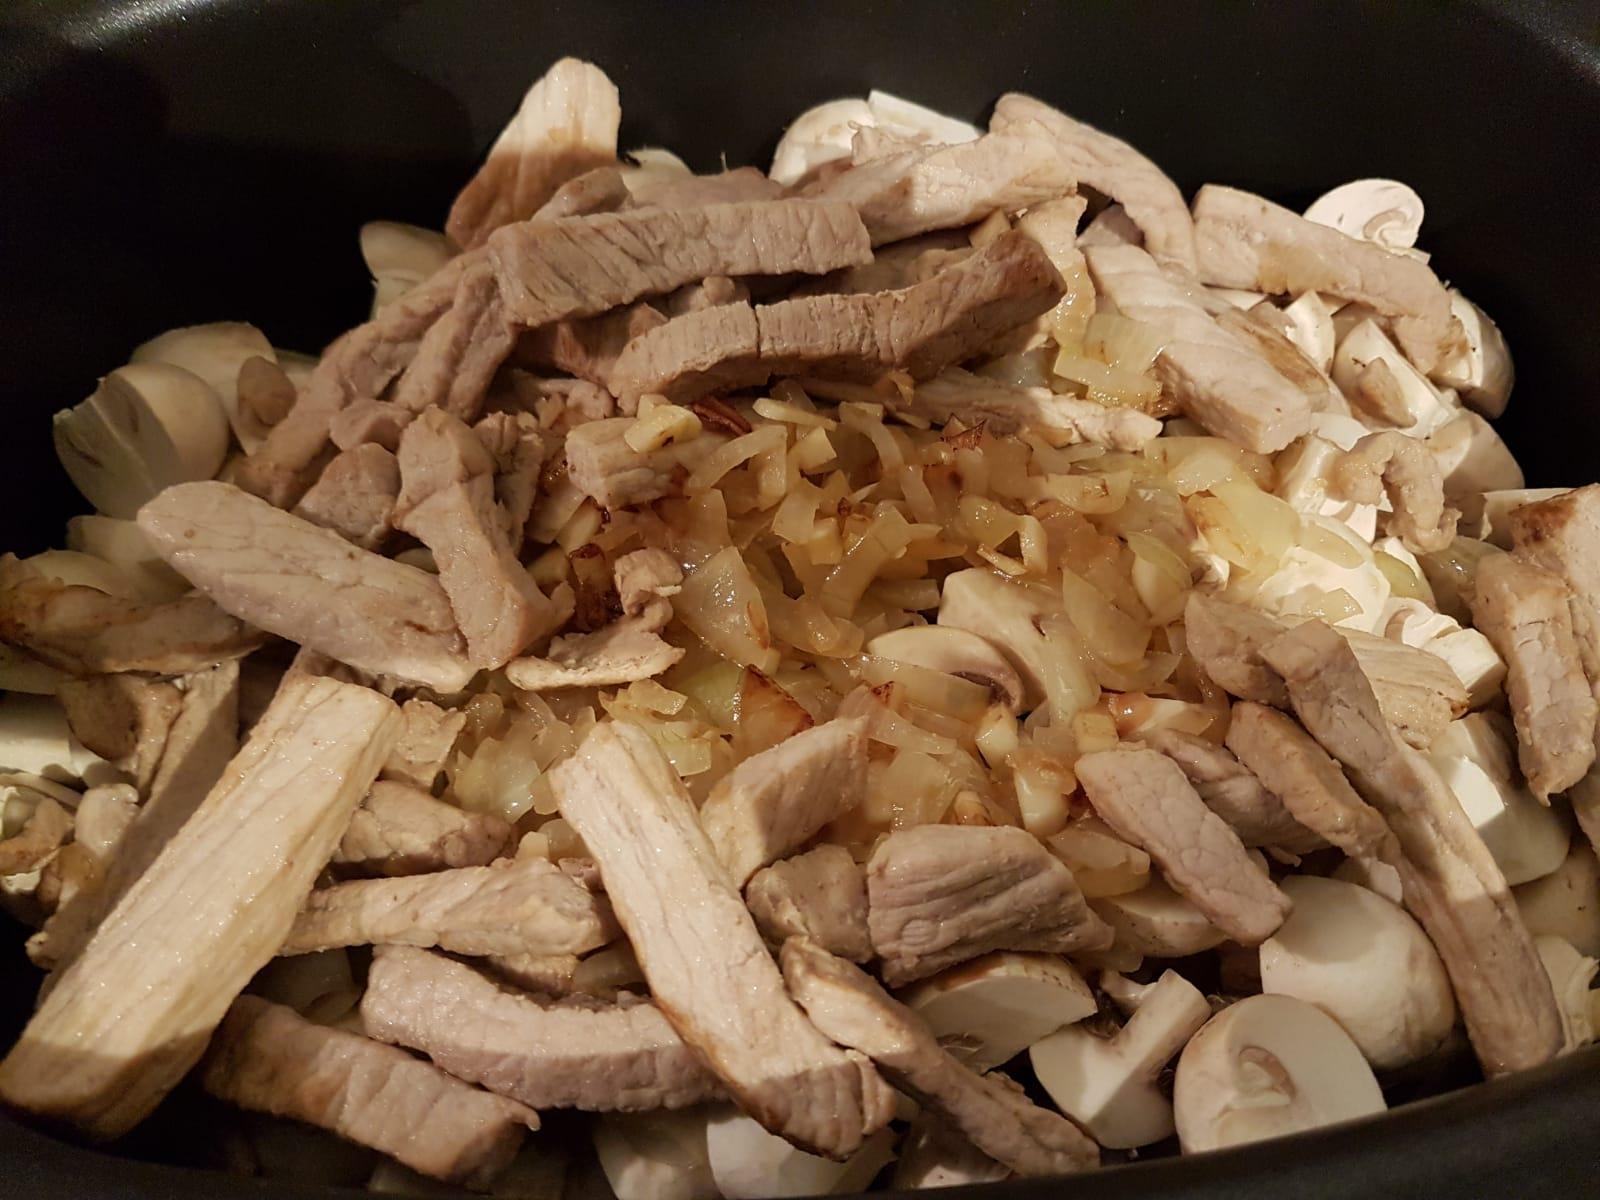 Fleisch, Pilze, Knoblauch und Zwiebeln im Slow Cooker.